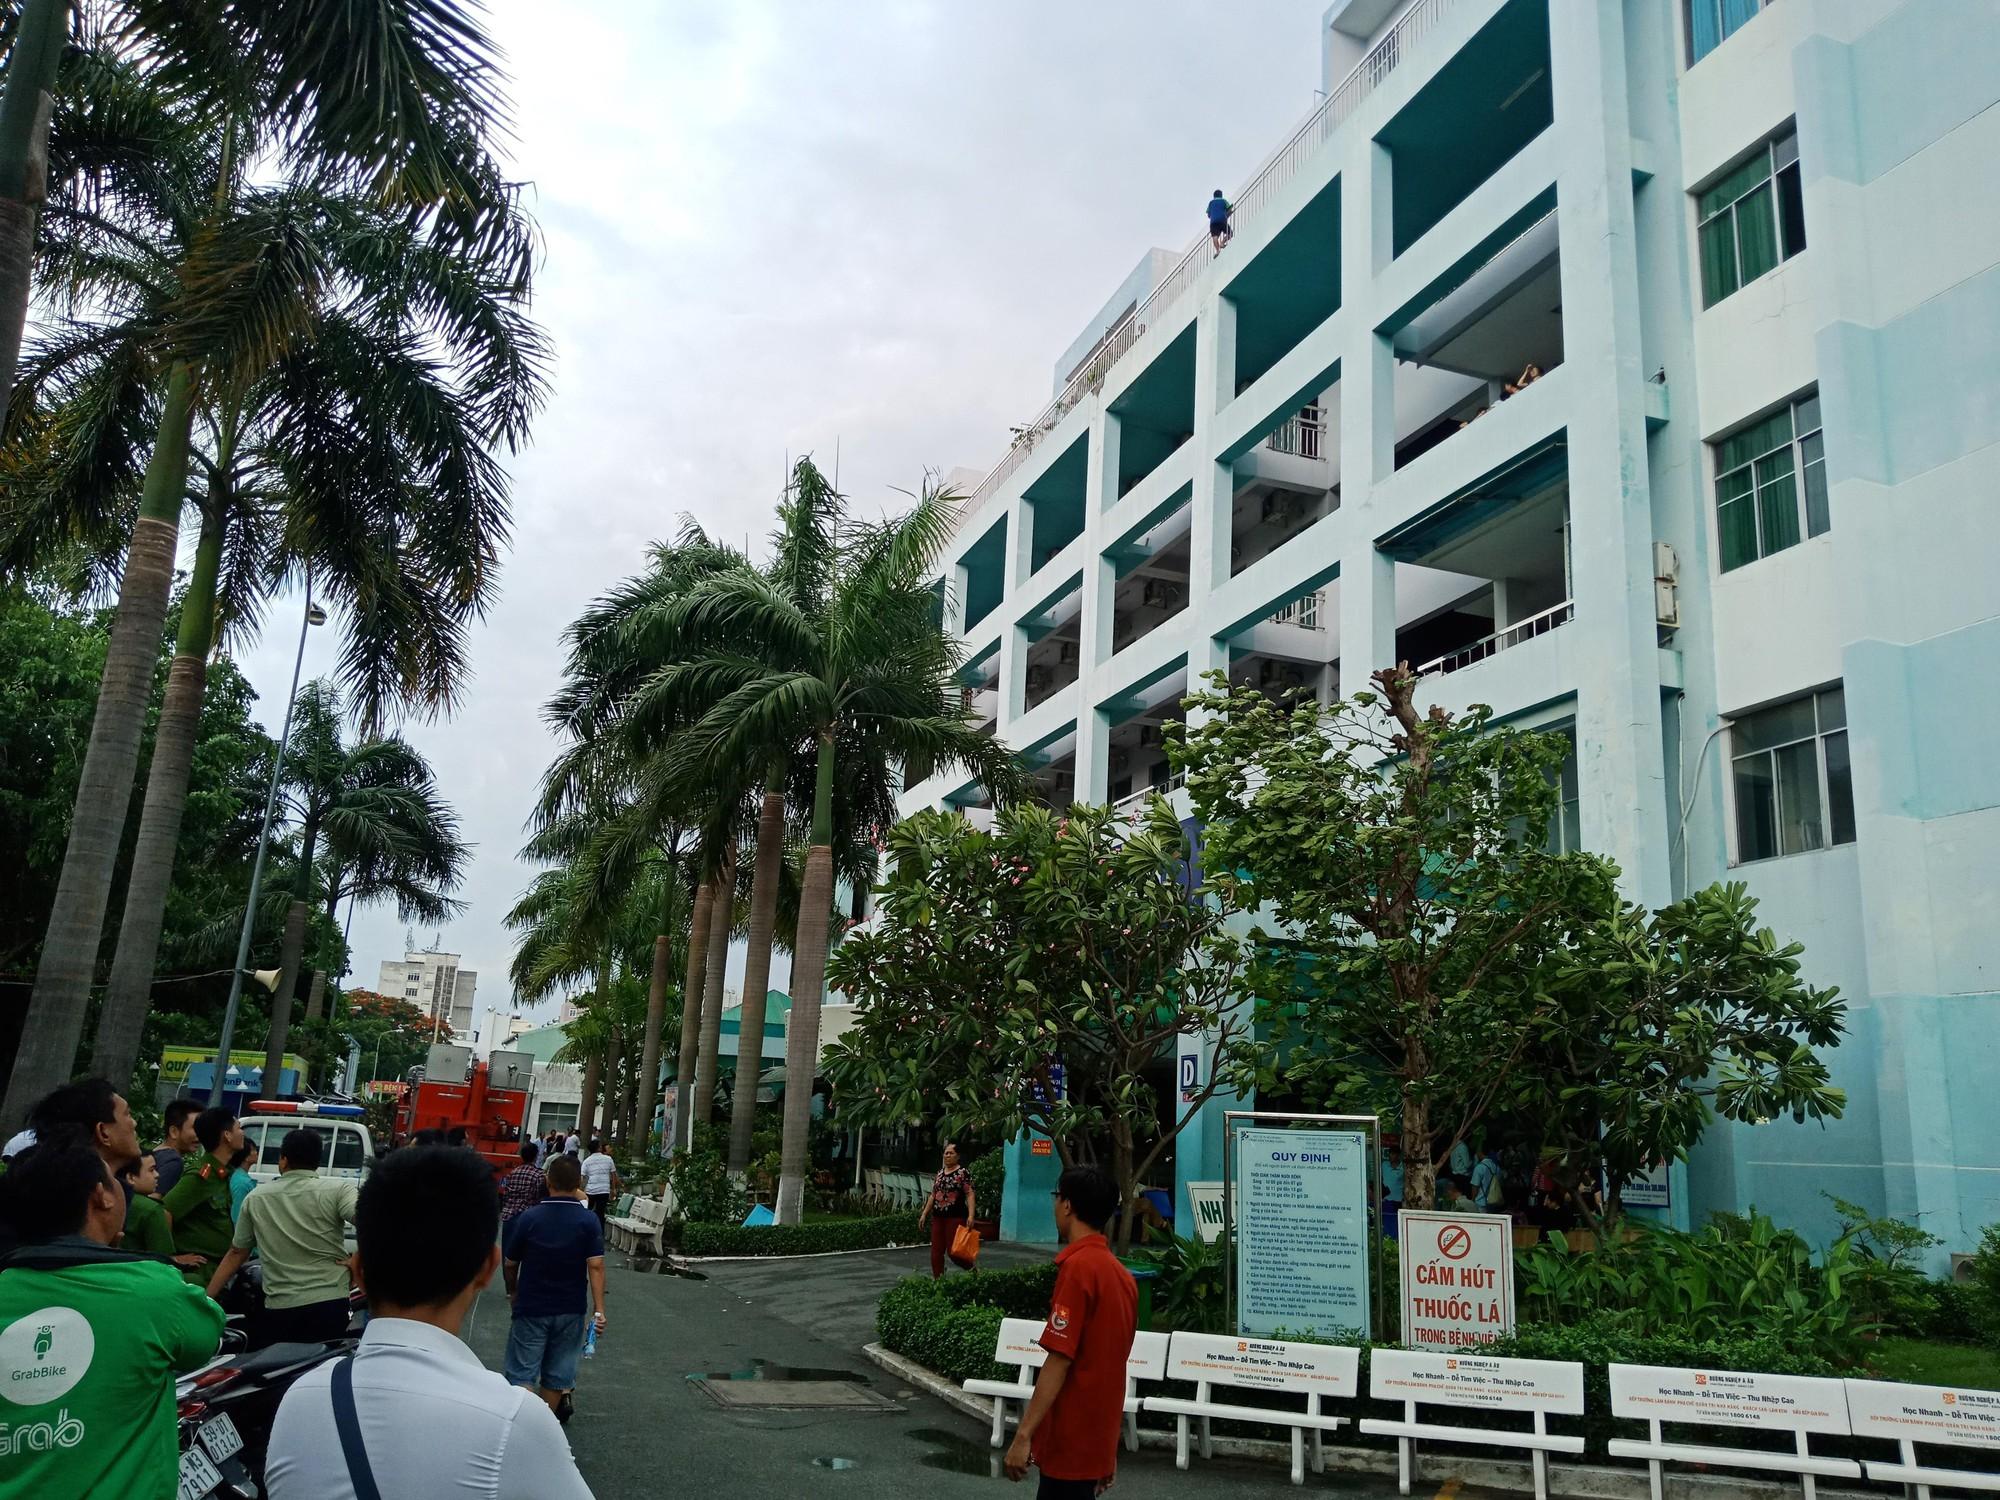 Hơn 5 giờ giải cứu nam thanh niên thất tình đòi nhảy lầu bệnh viện ở Sài Gòn - Ảnh 2.